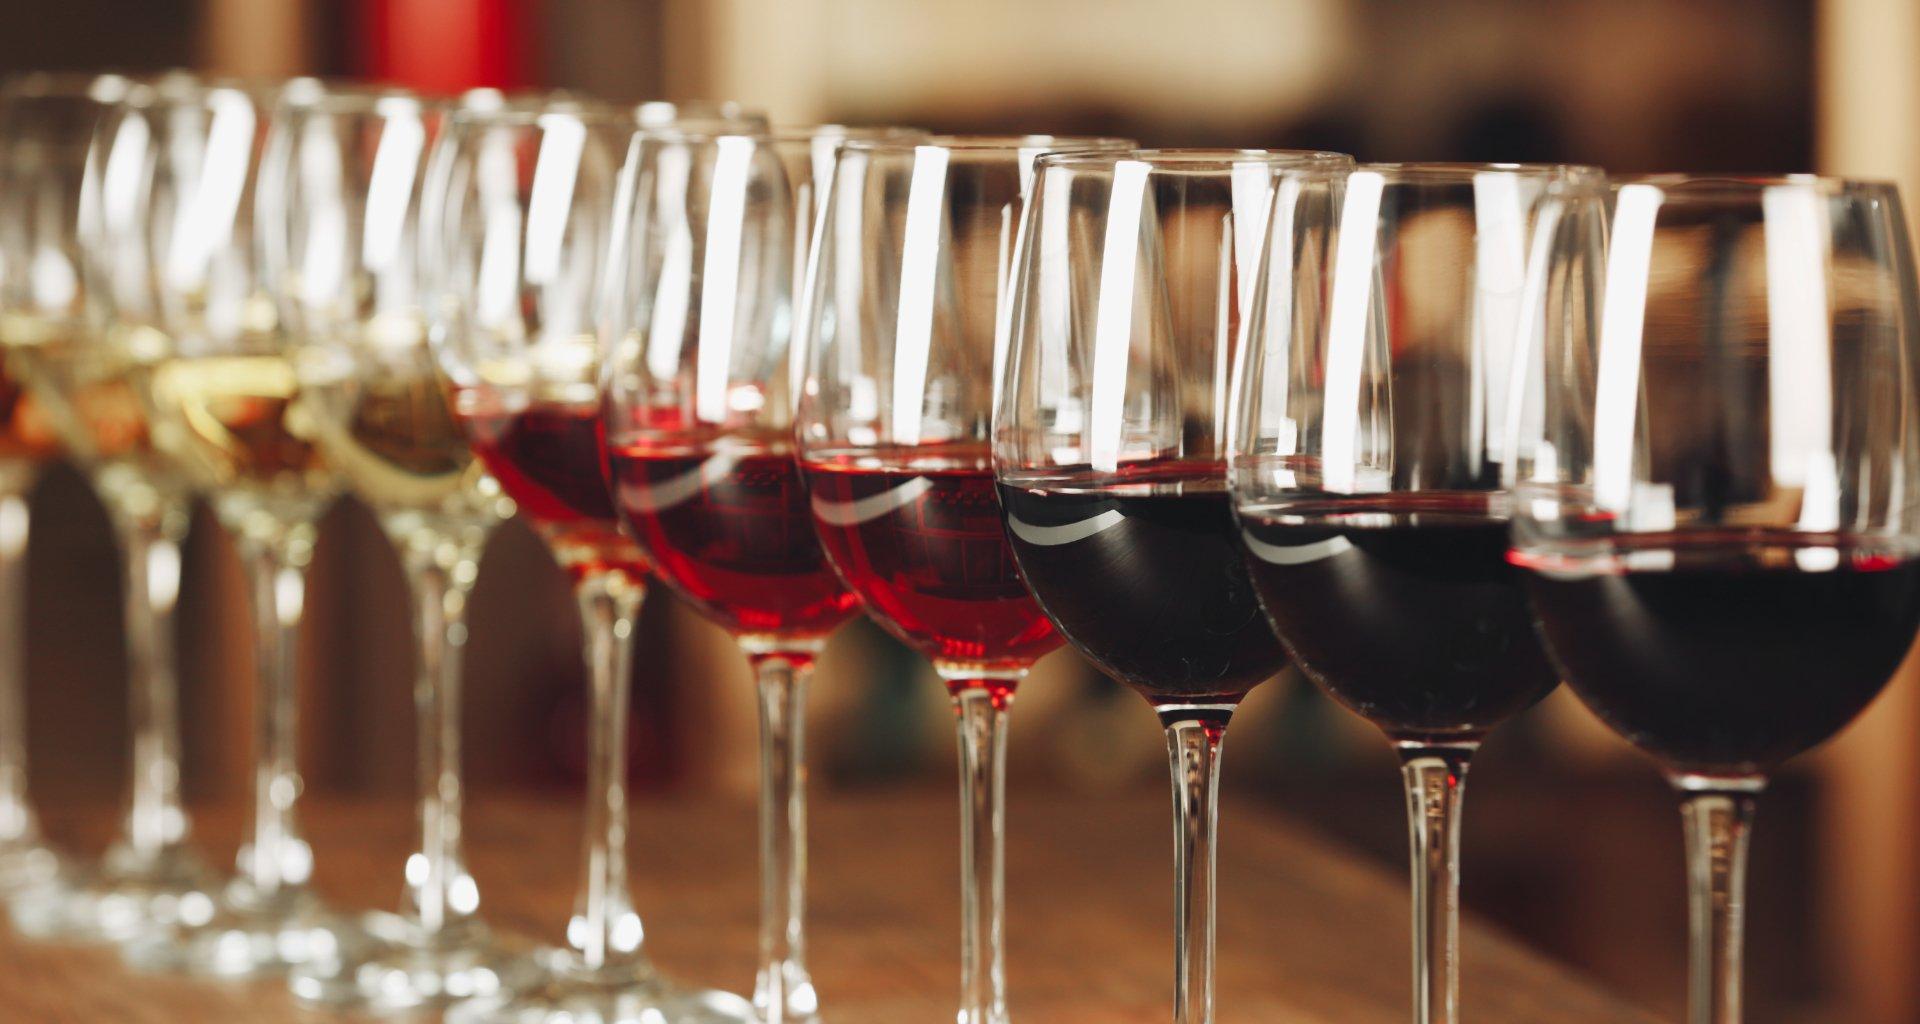 Organizirate dogodek in želite postreči vino? Pomagali vam bomo najti pravega dobavitelja vina za vaš dogodek